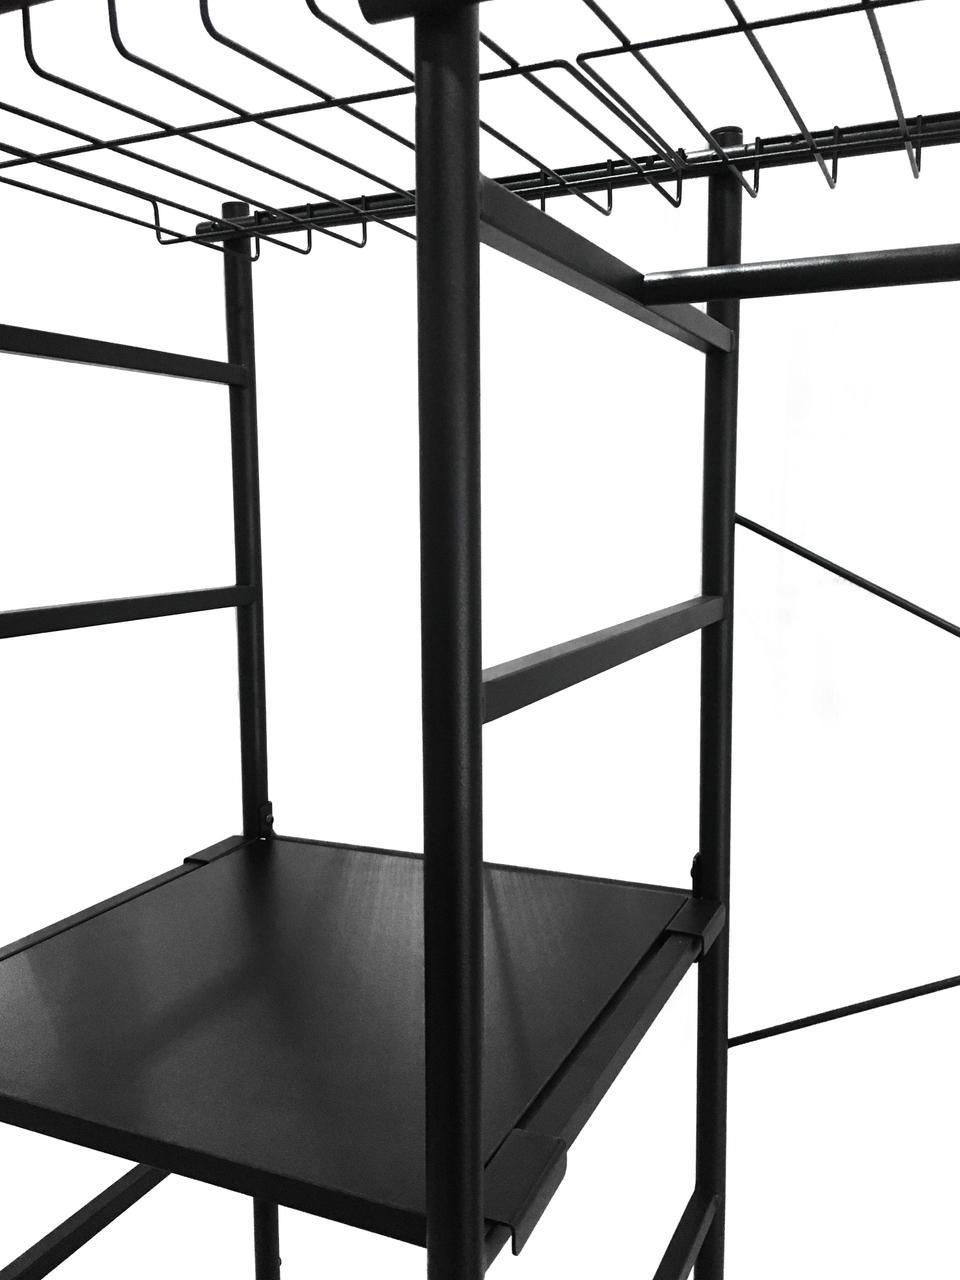 Offener Metall-Kleiderschrank Storn in Schwarz, Gestell: Metall, lackiert, Schwarz, 120 x 182 cm